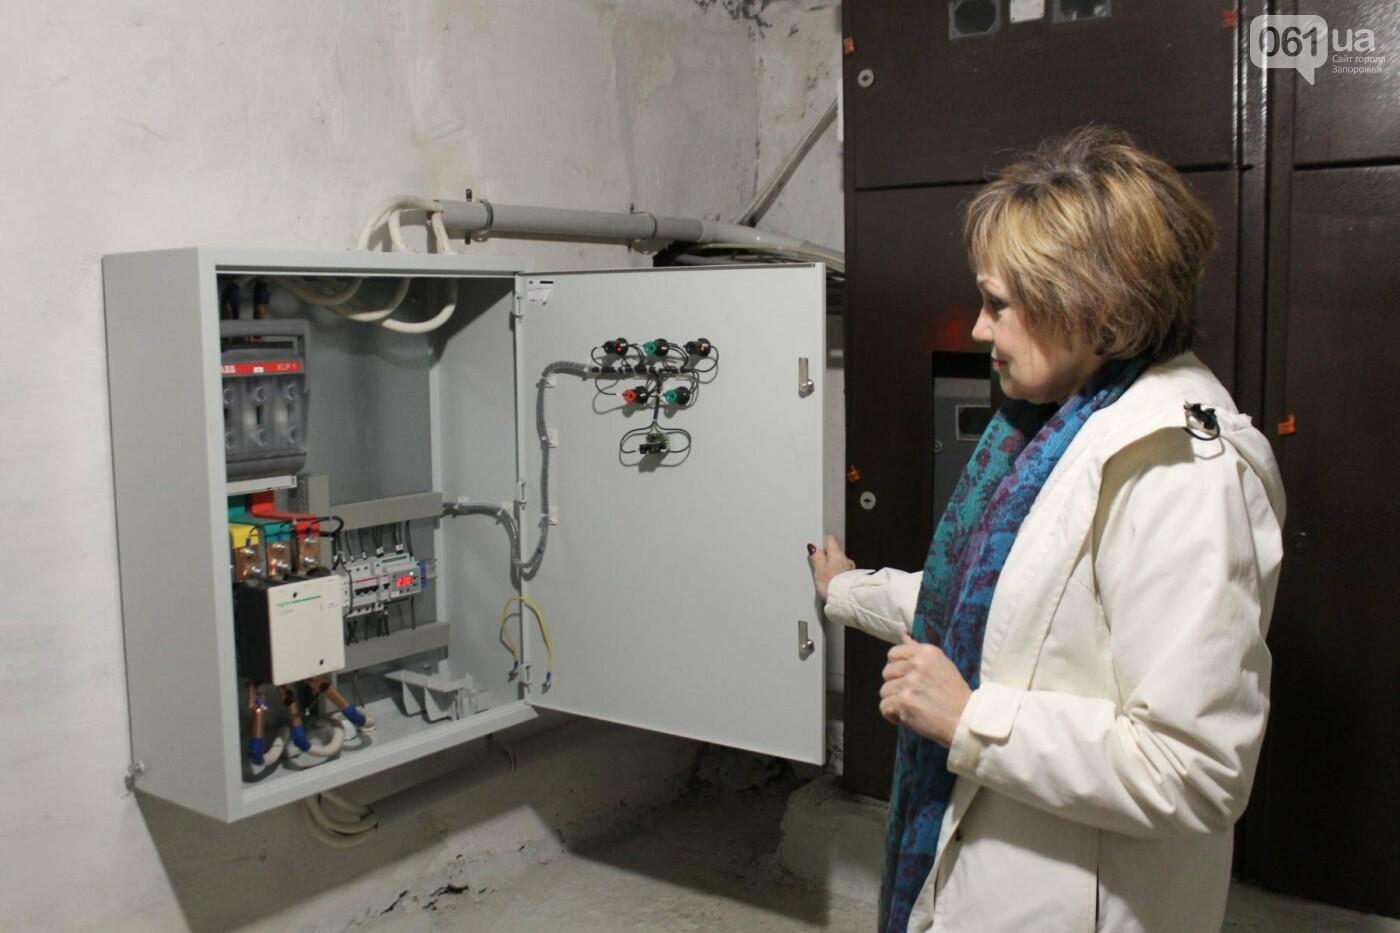 Сам себе хозяин: как запорожские ОСМД занимаются энергосбережением и значительно экономят на тарифах, — ФОТО, фото-13